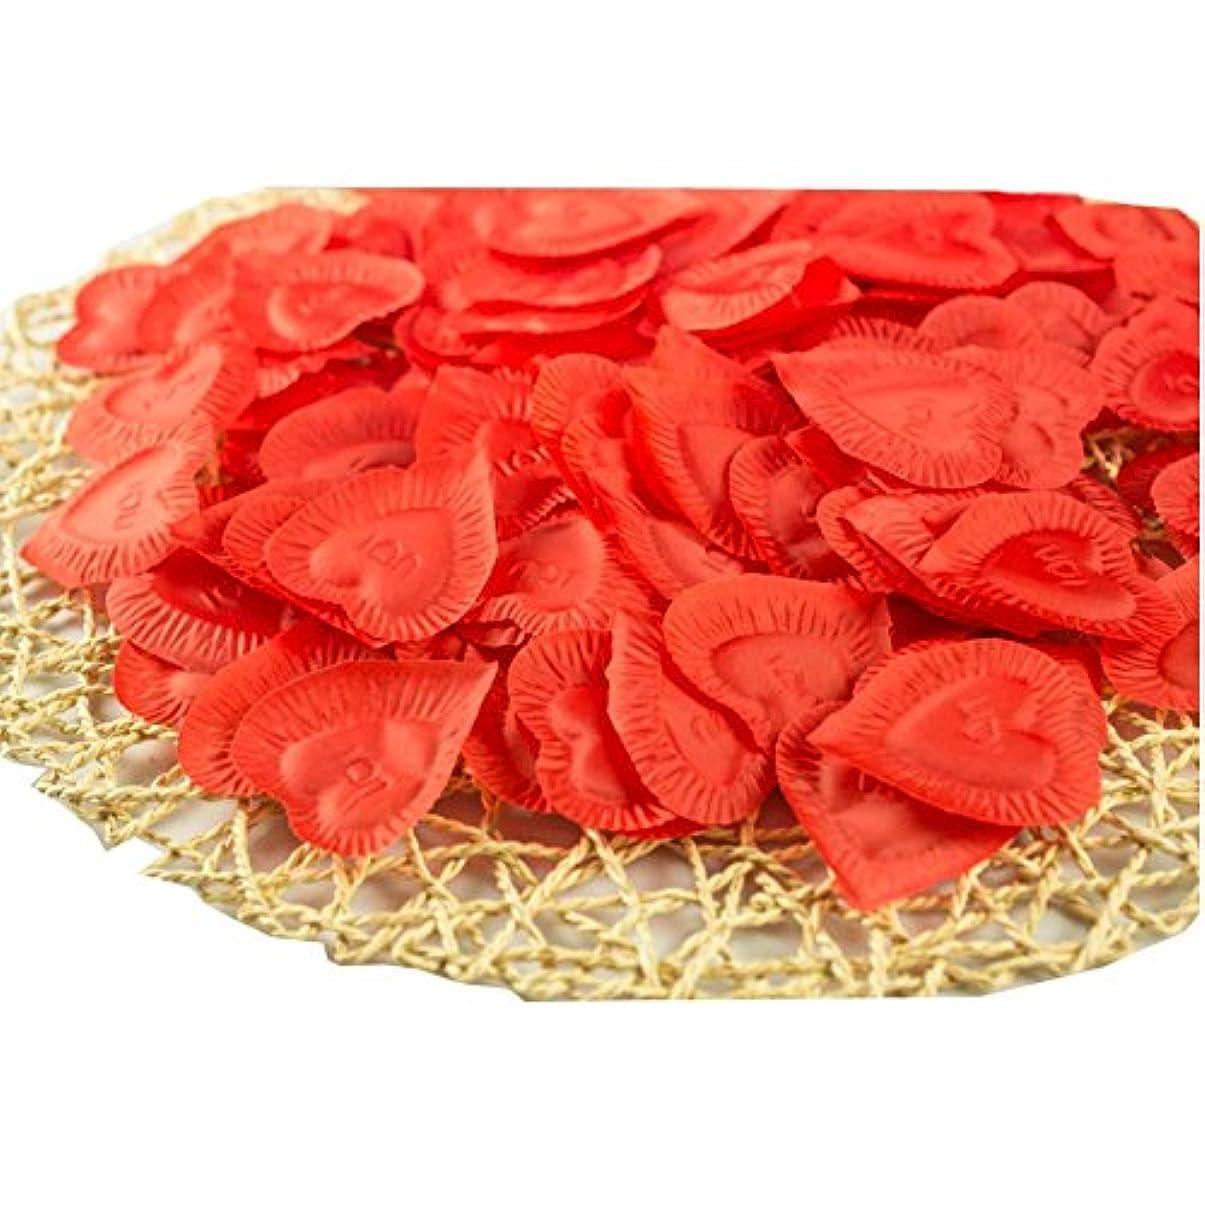 ディレイ重要な即席人工花の花びらバレンタイン結婚パーティーデコレーション840個